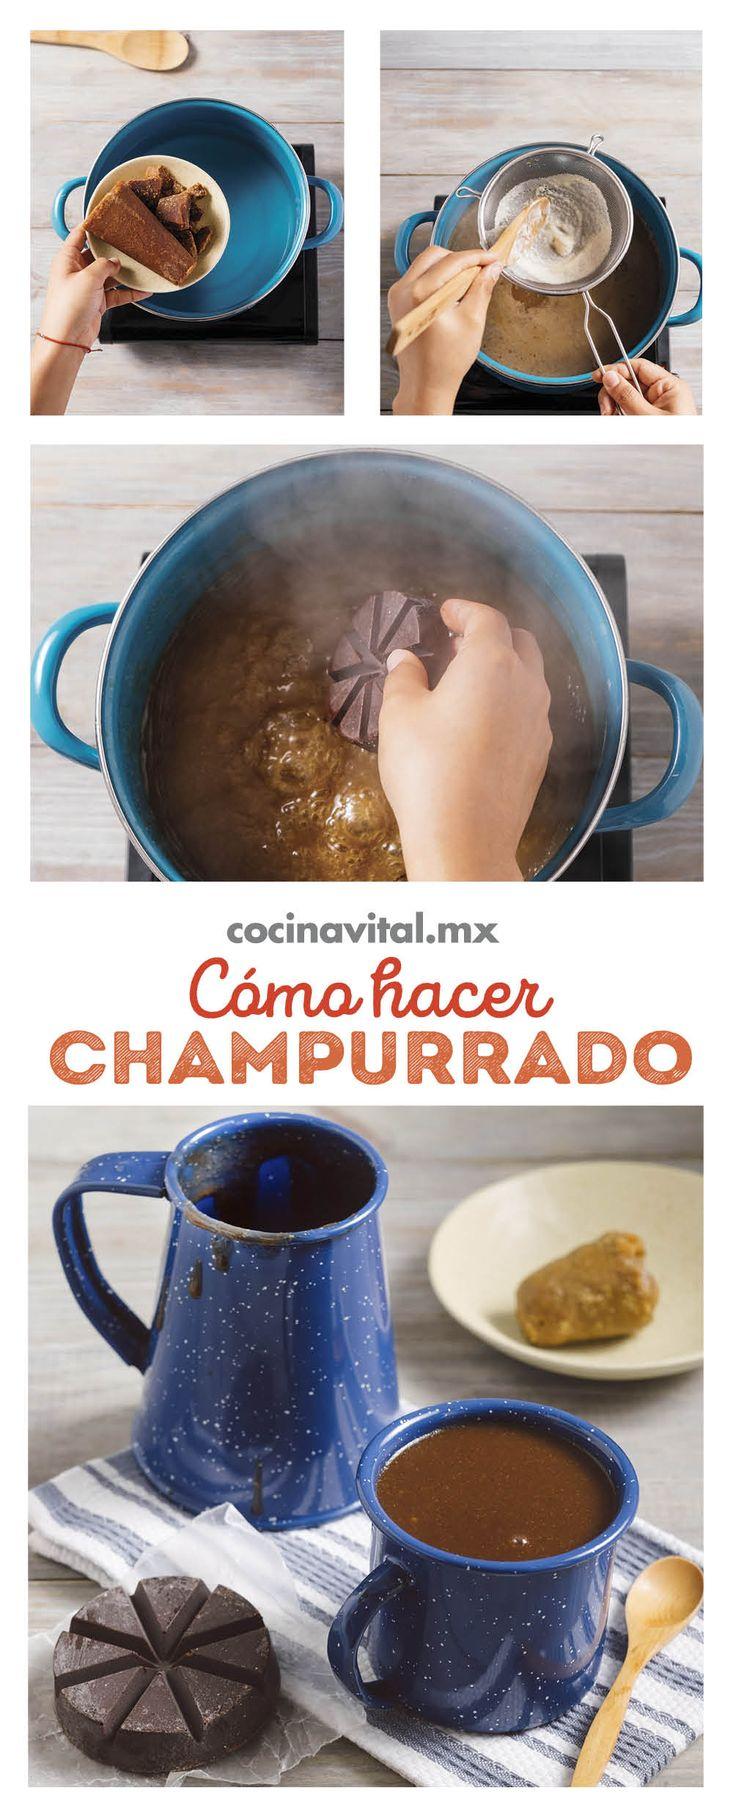 Esta receta de atole champurrado es completamente tradicional en México, es una delicia y por años las abuelitas nos han deleitado con esta exquisita bebidas, ¡ahora te toca a ti prepararla y consentir a la familia! Mexican Drinks, Mexican Food Recipes, Champurrado, Guatemalan Recipes, Kitchen Cooker, Tamales, Learn To Cook, Flan, Bon Appetit